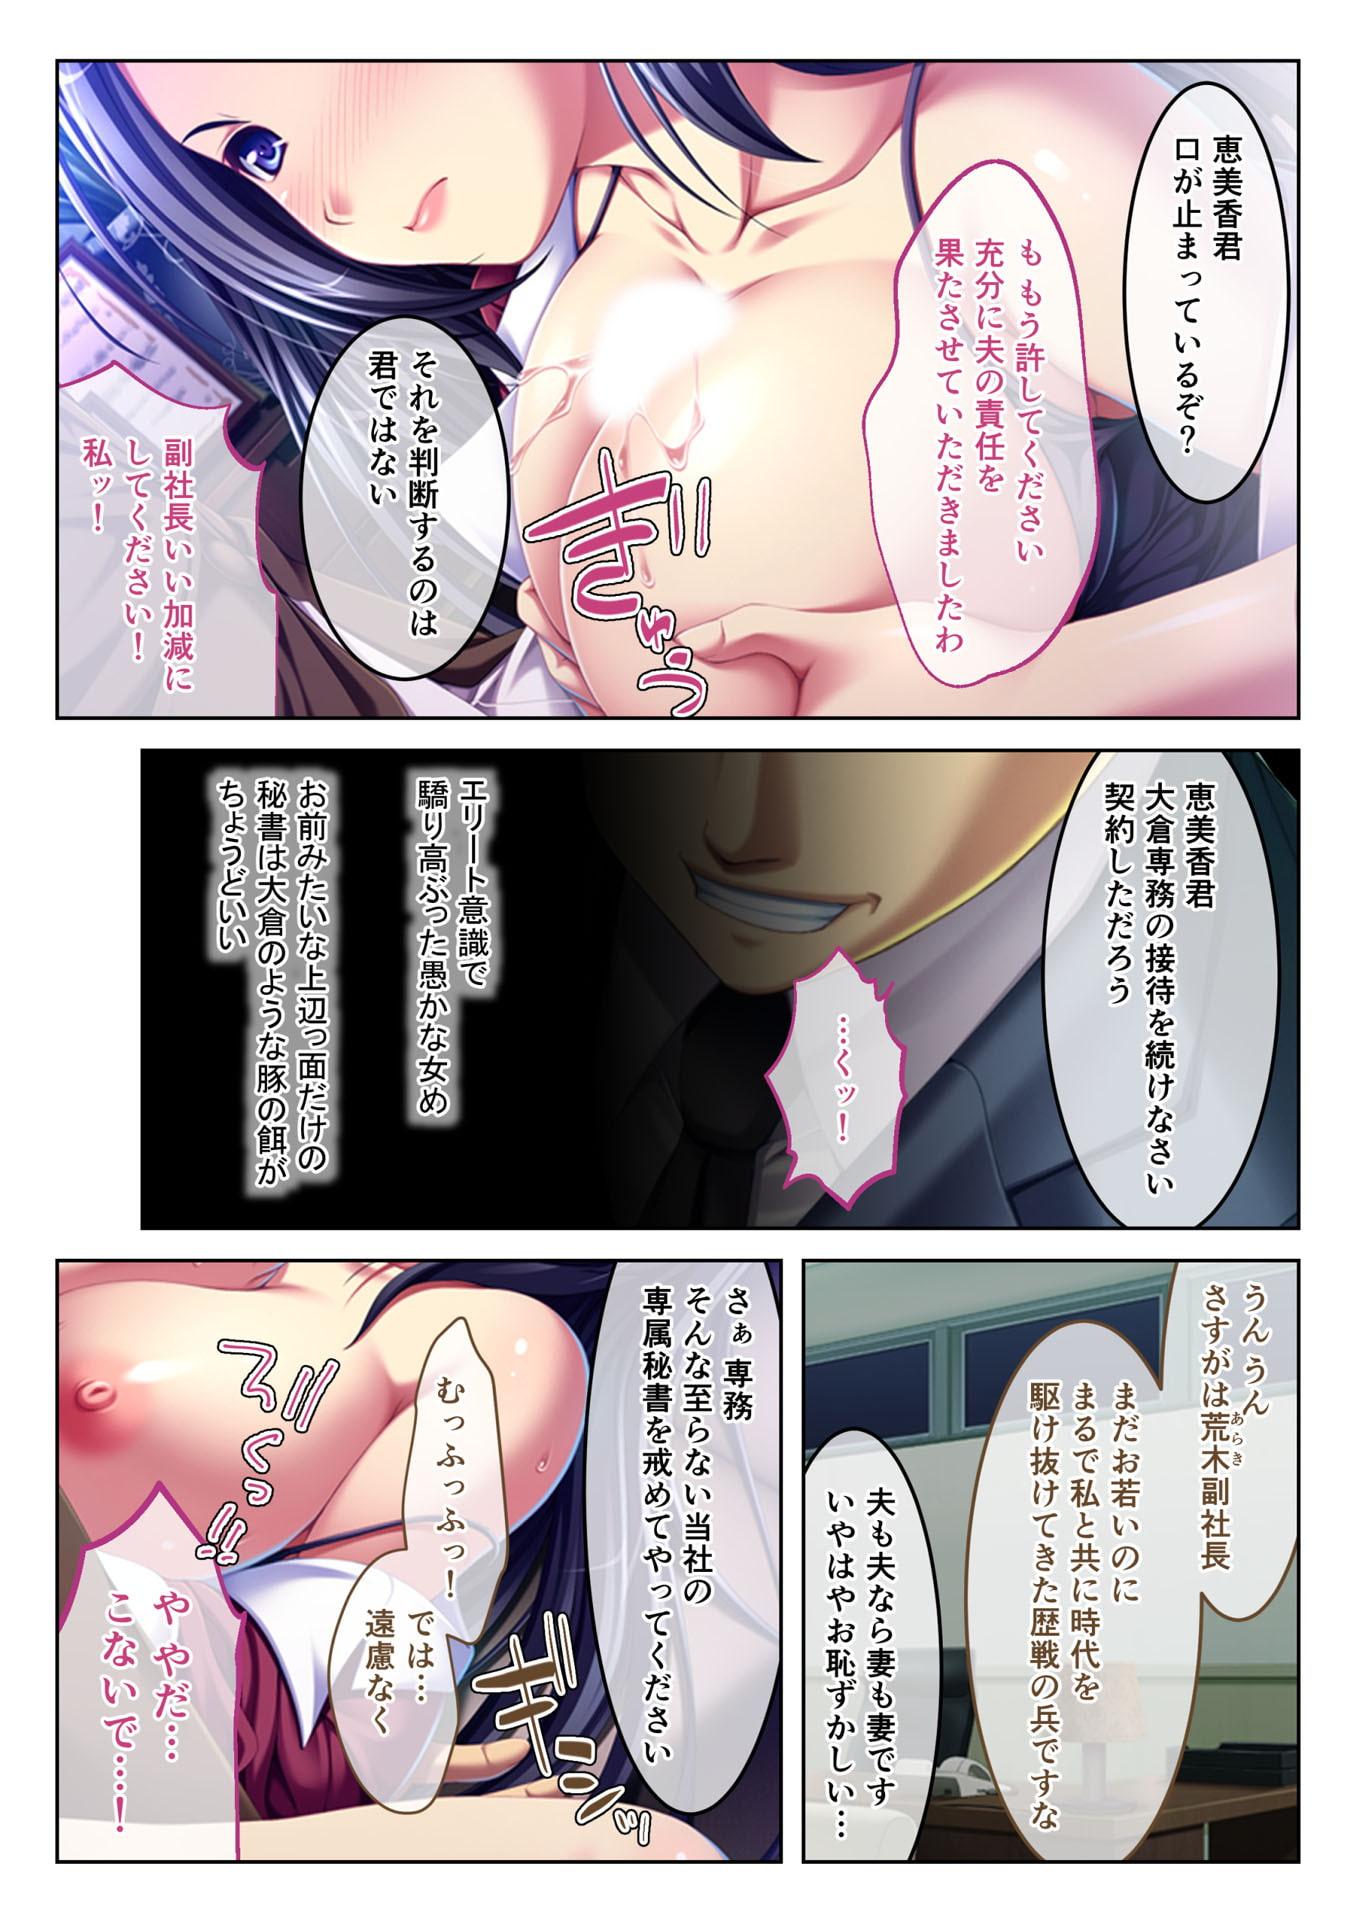 寝取られ人妻~ハメられた女たちの不倫事情~(4) フルカラーコミック版